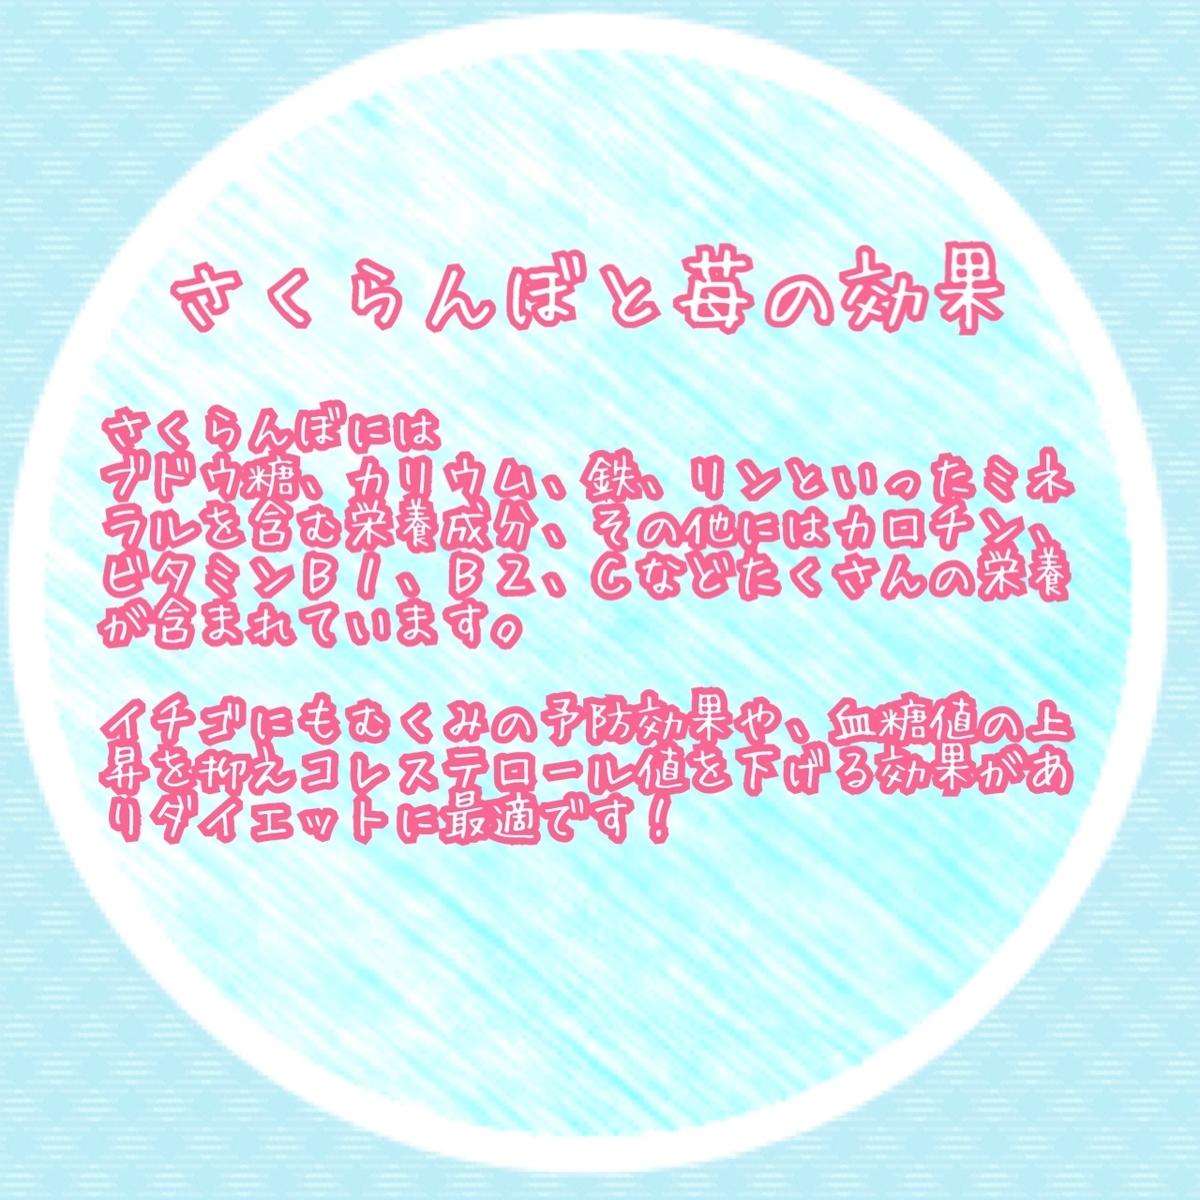 f:id:kked001:20200624213343j:plain